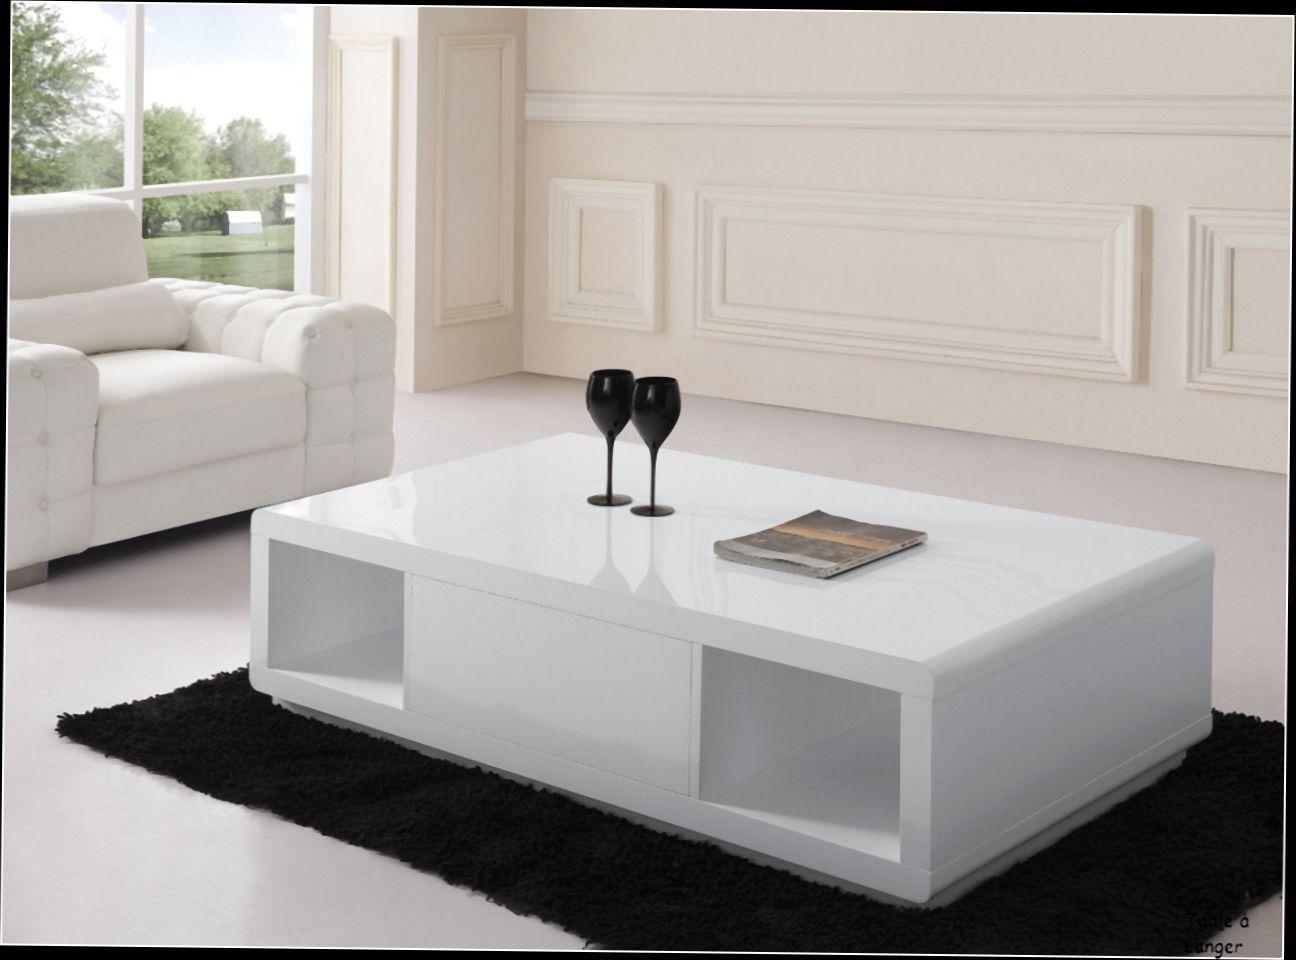 Wundersch nen table basse vitrine ikea id es de - Table blanc laque ikea ...